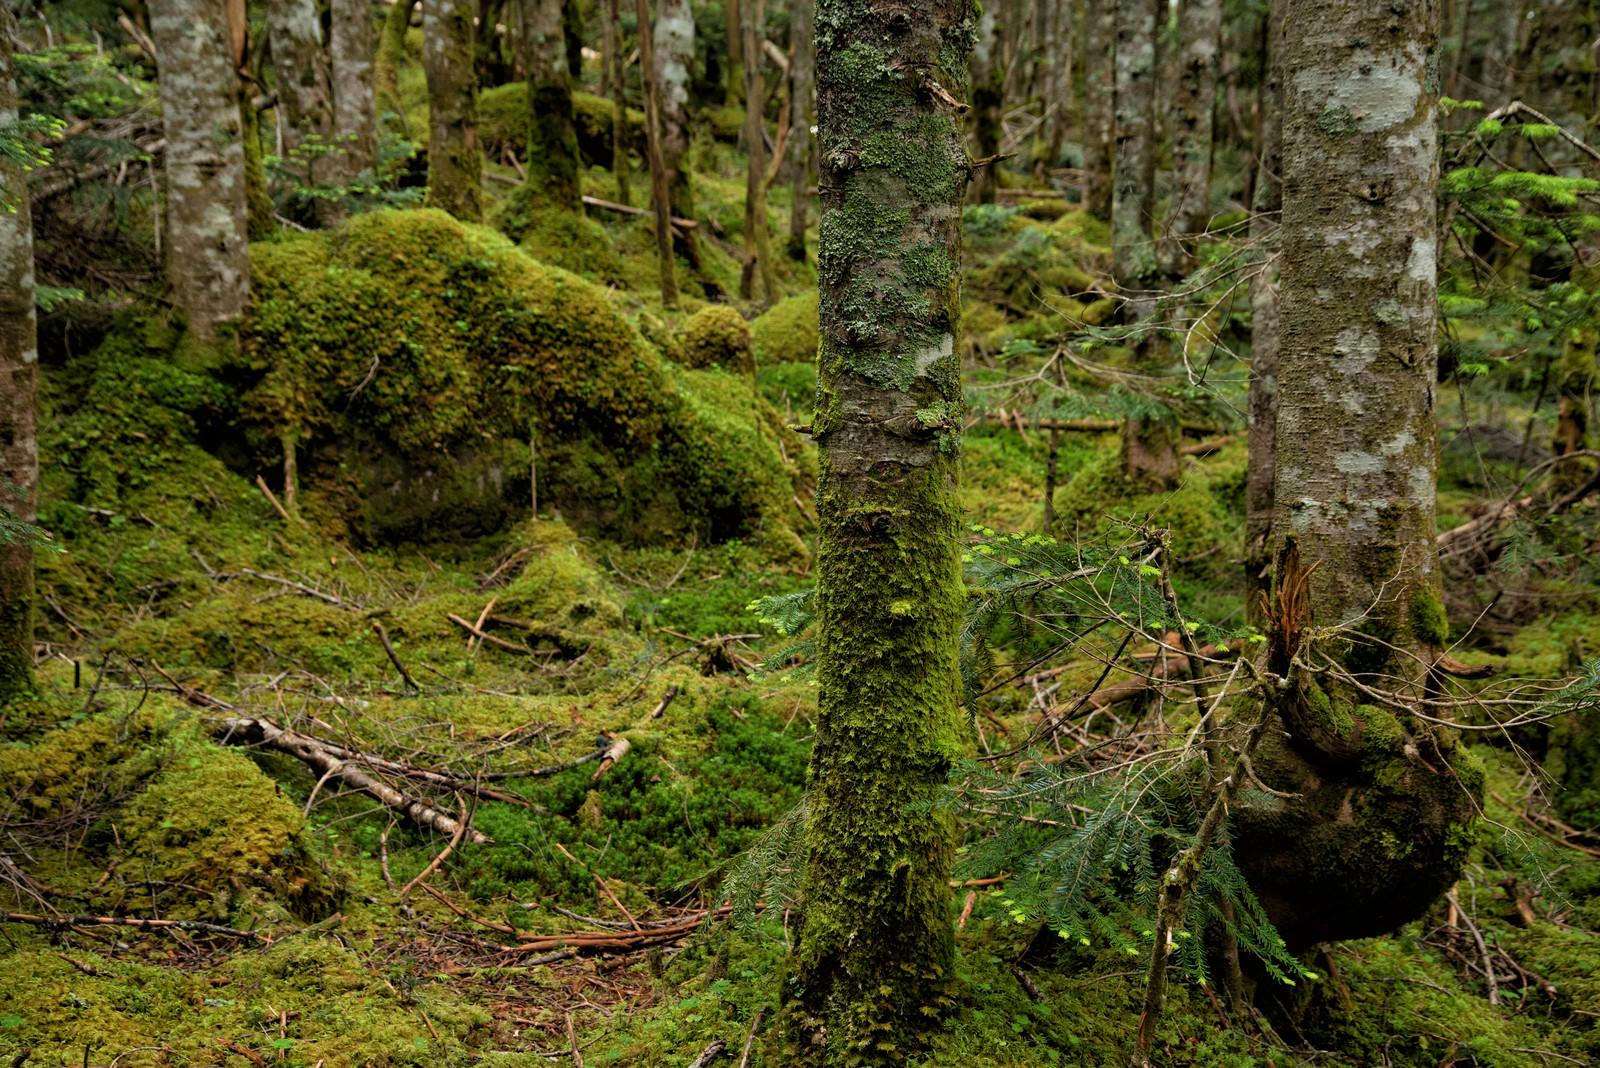 「苔生した森の中の木々」の写真